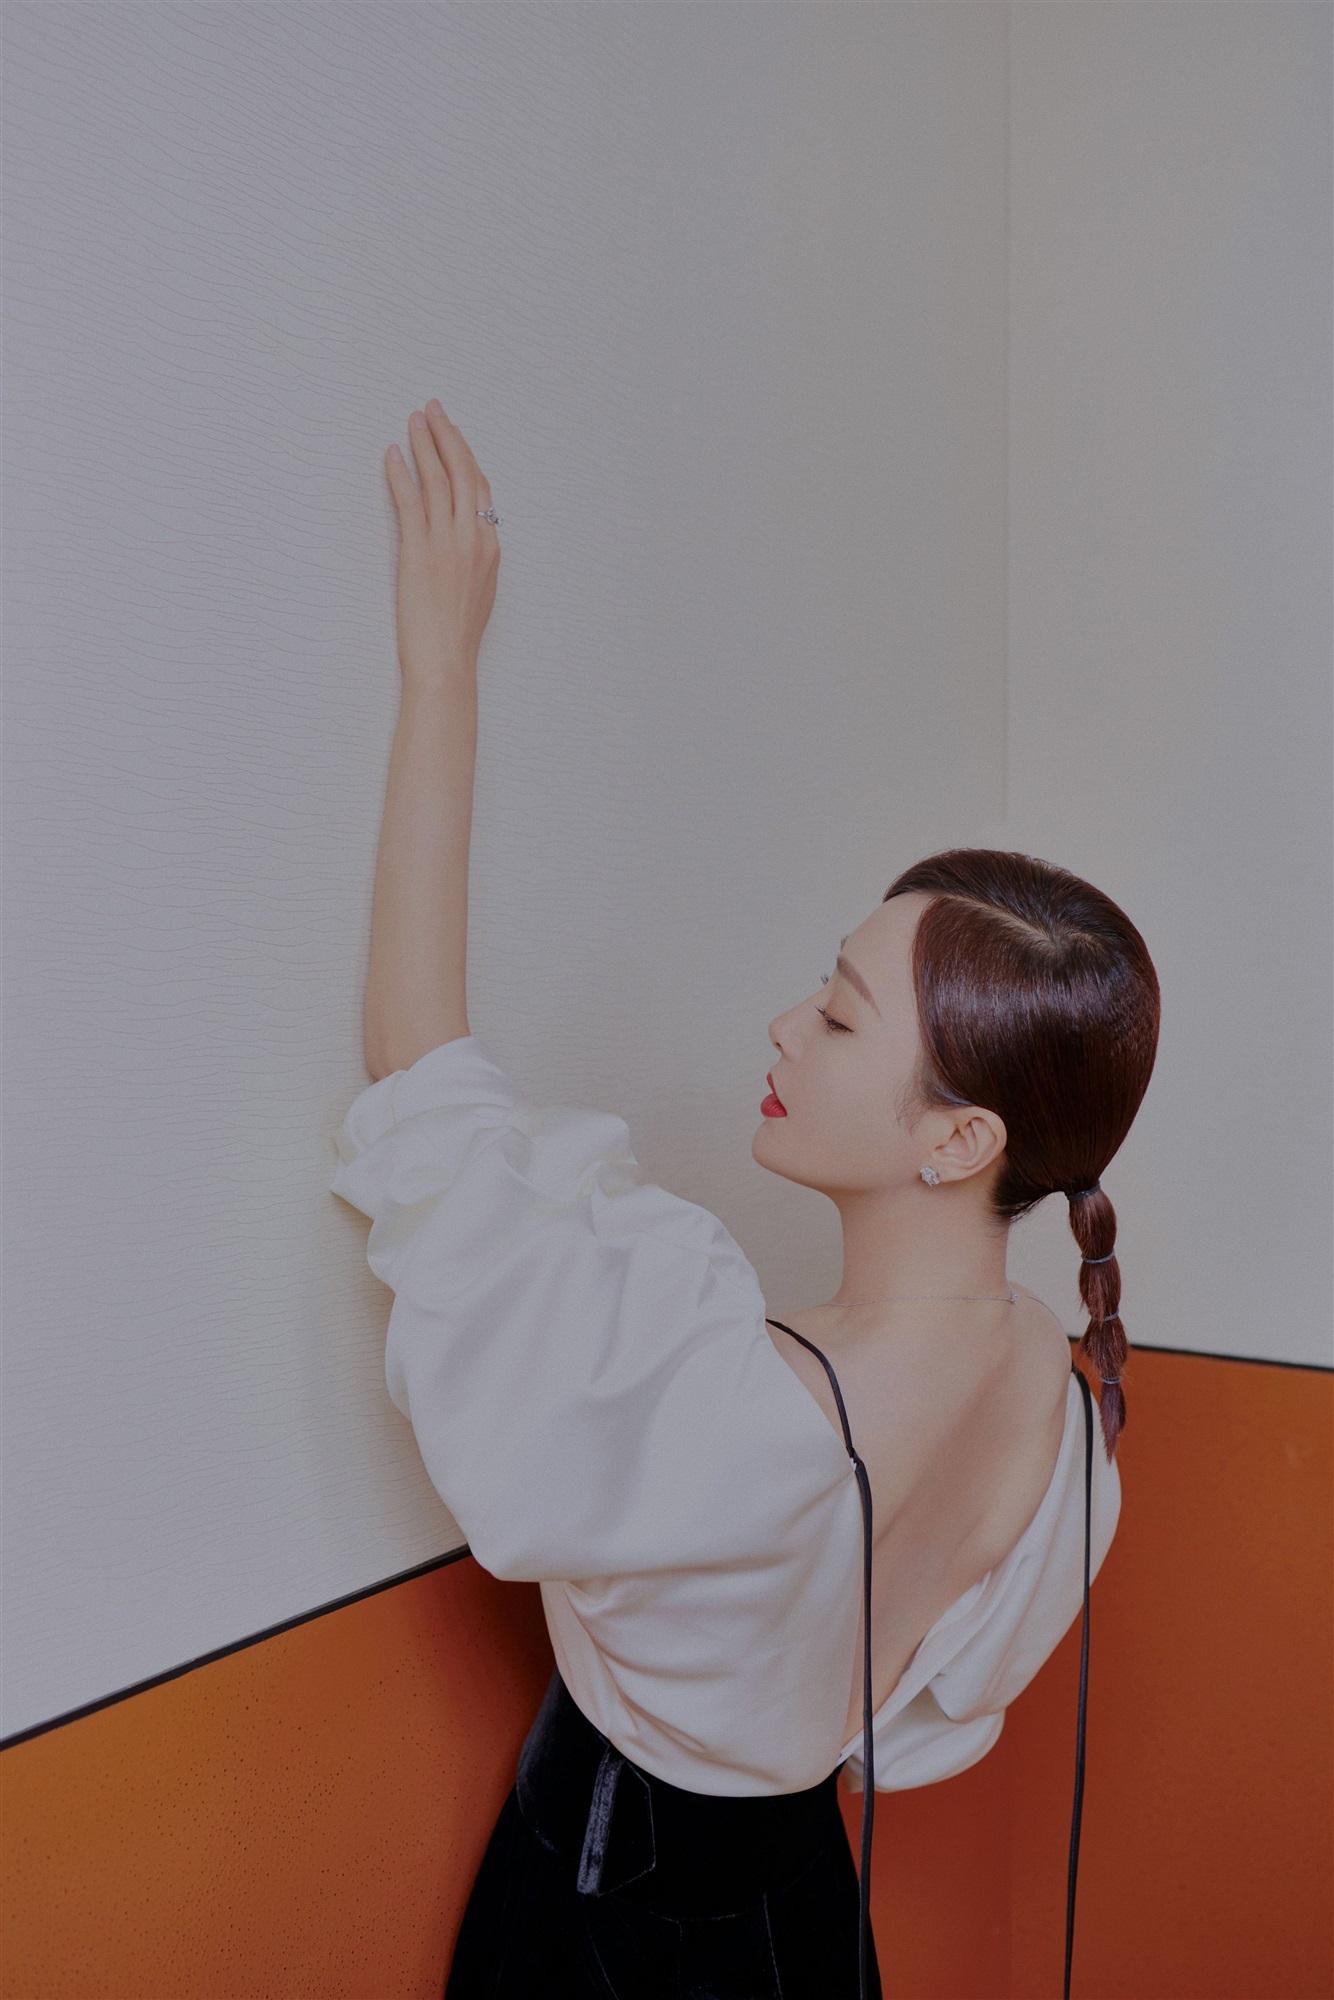 秦岚大秀完美肩颈线.jpg